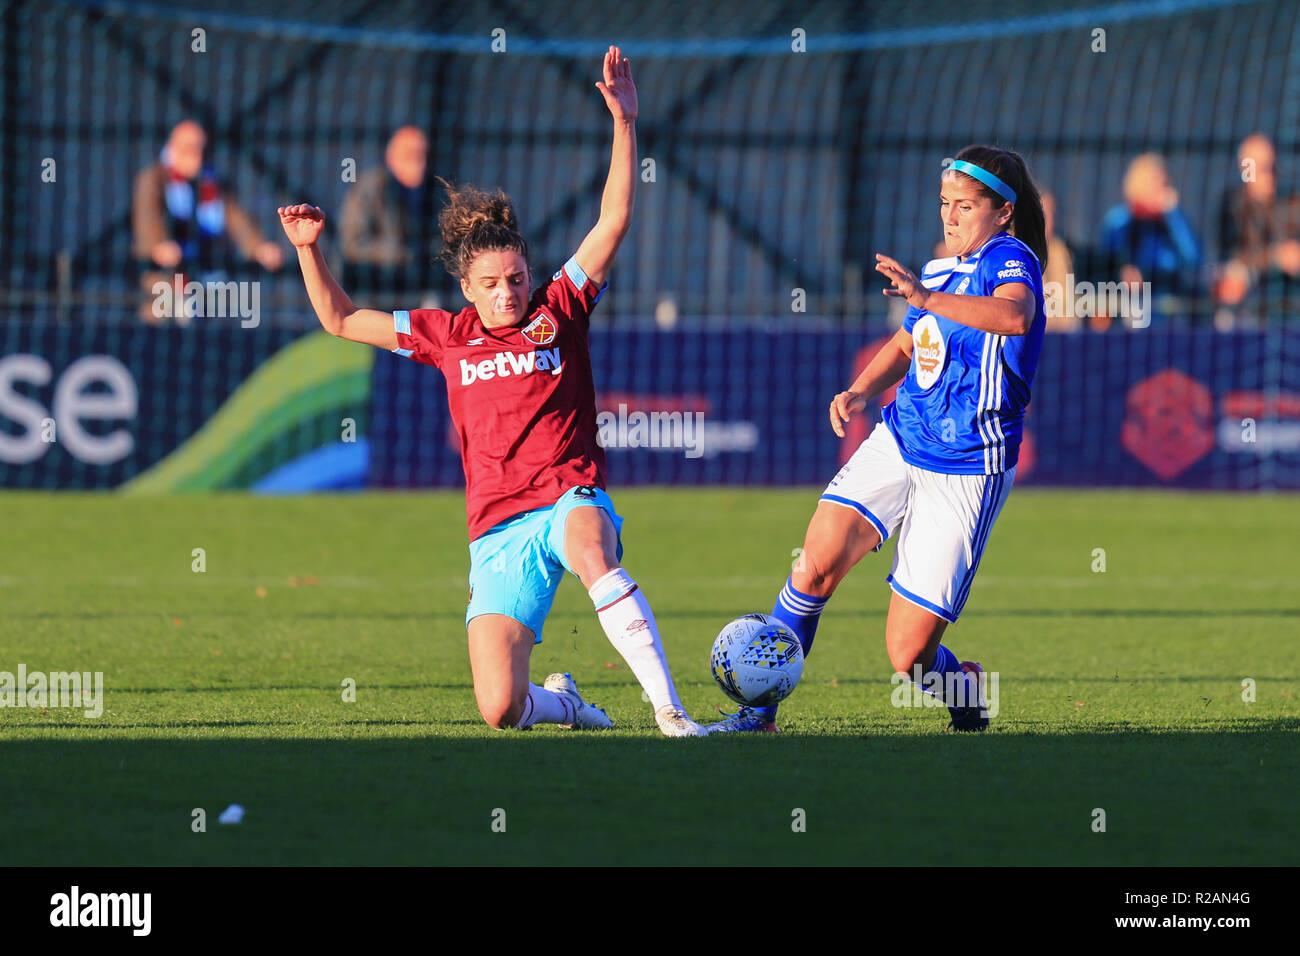 Birmingham, Reino Unido. 18 de noviembre, 2018. Birmingham City's Paige Williams compite por el balón con West Ham Tessal Middag. BCFC MUJER 3 - 0 West Ham Mujer Peter Lopeman/Alamy Live News Foto de stock